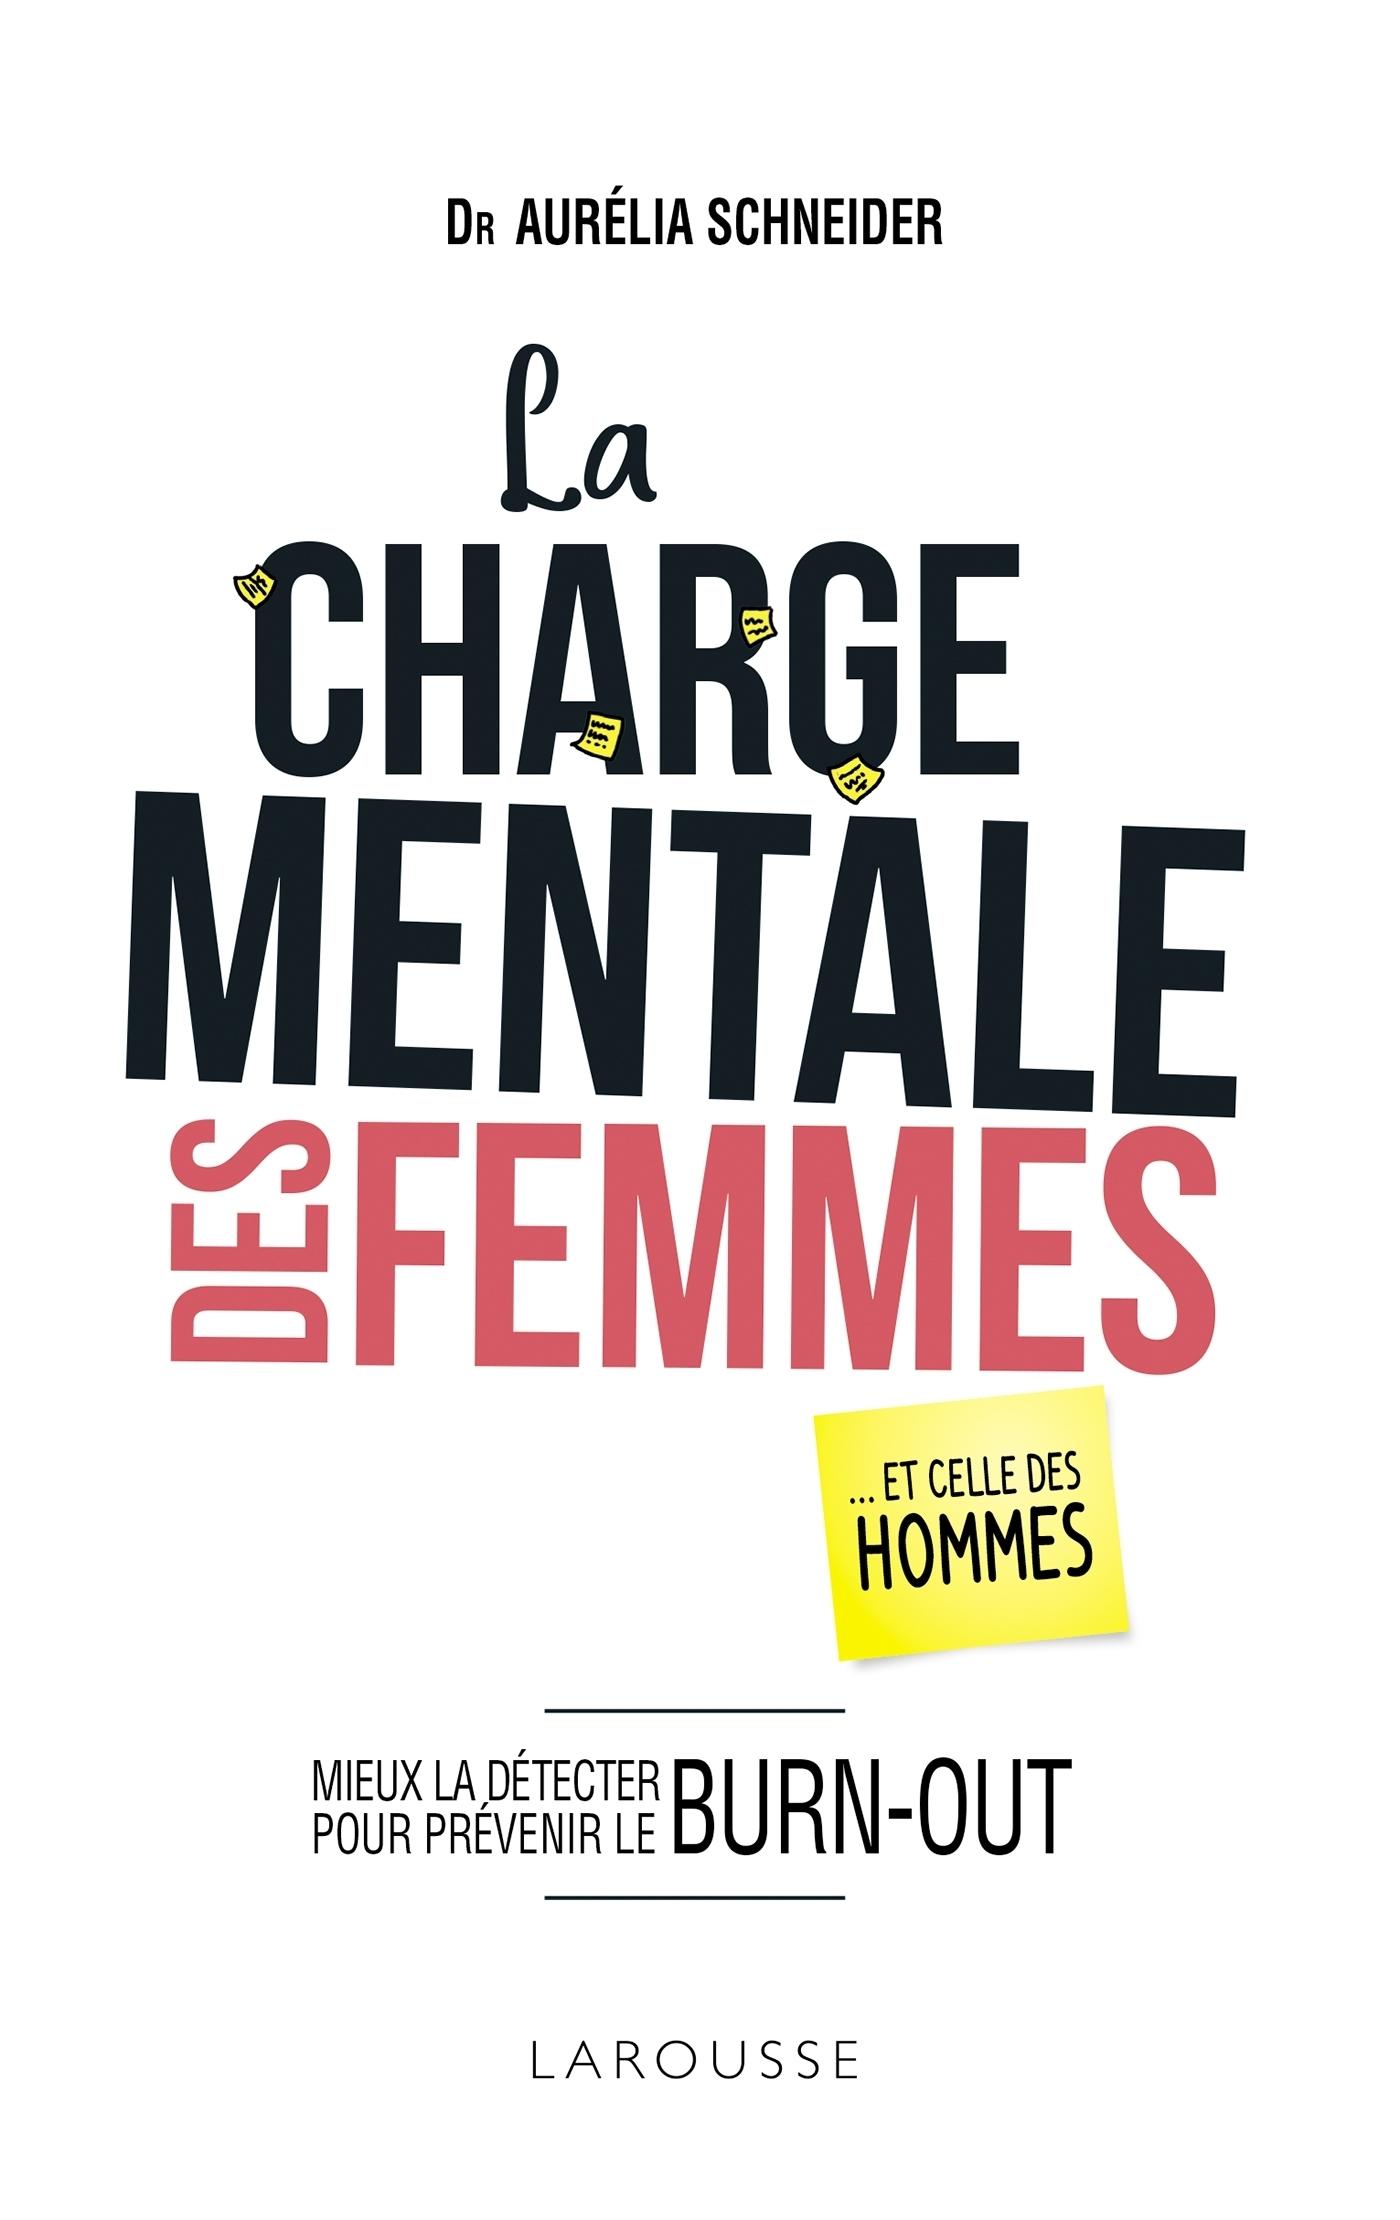 LA CHARGE MENTALE DES FEMMES